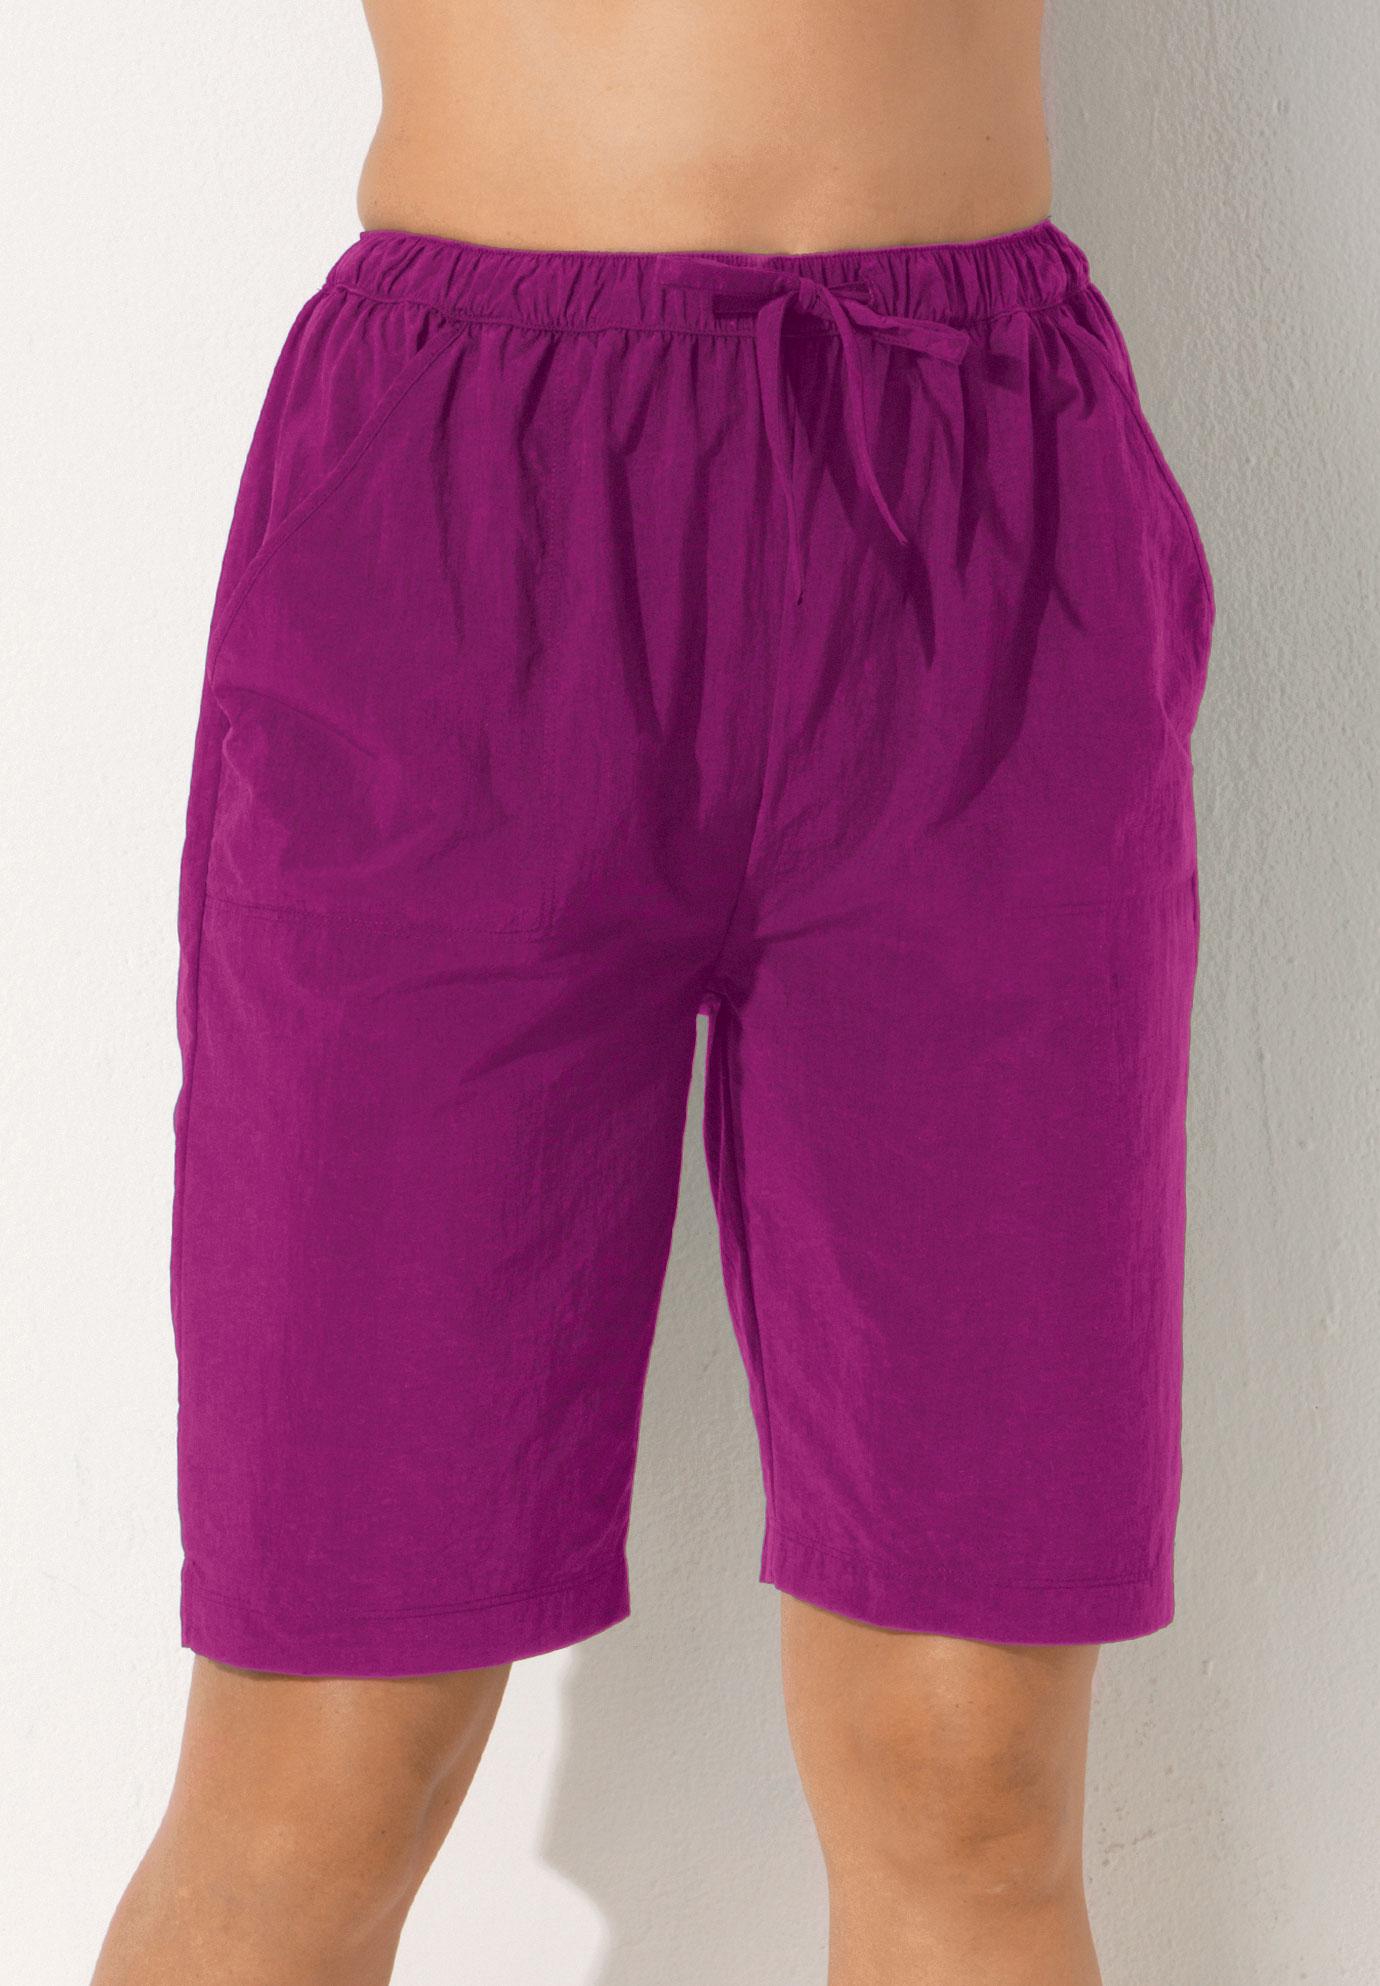 aefccbda4f Taslon® Swim Board Shorts with Built-In Brief| Plus Size Swimwear ...